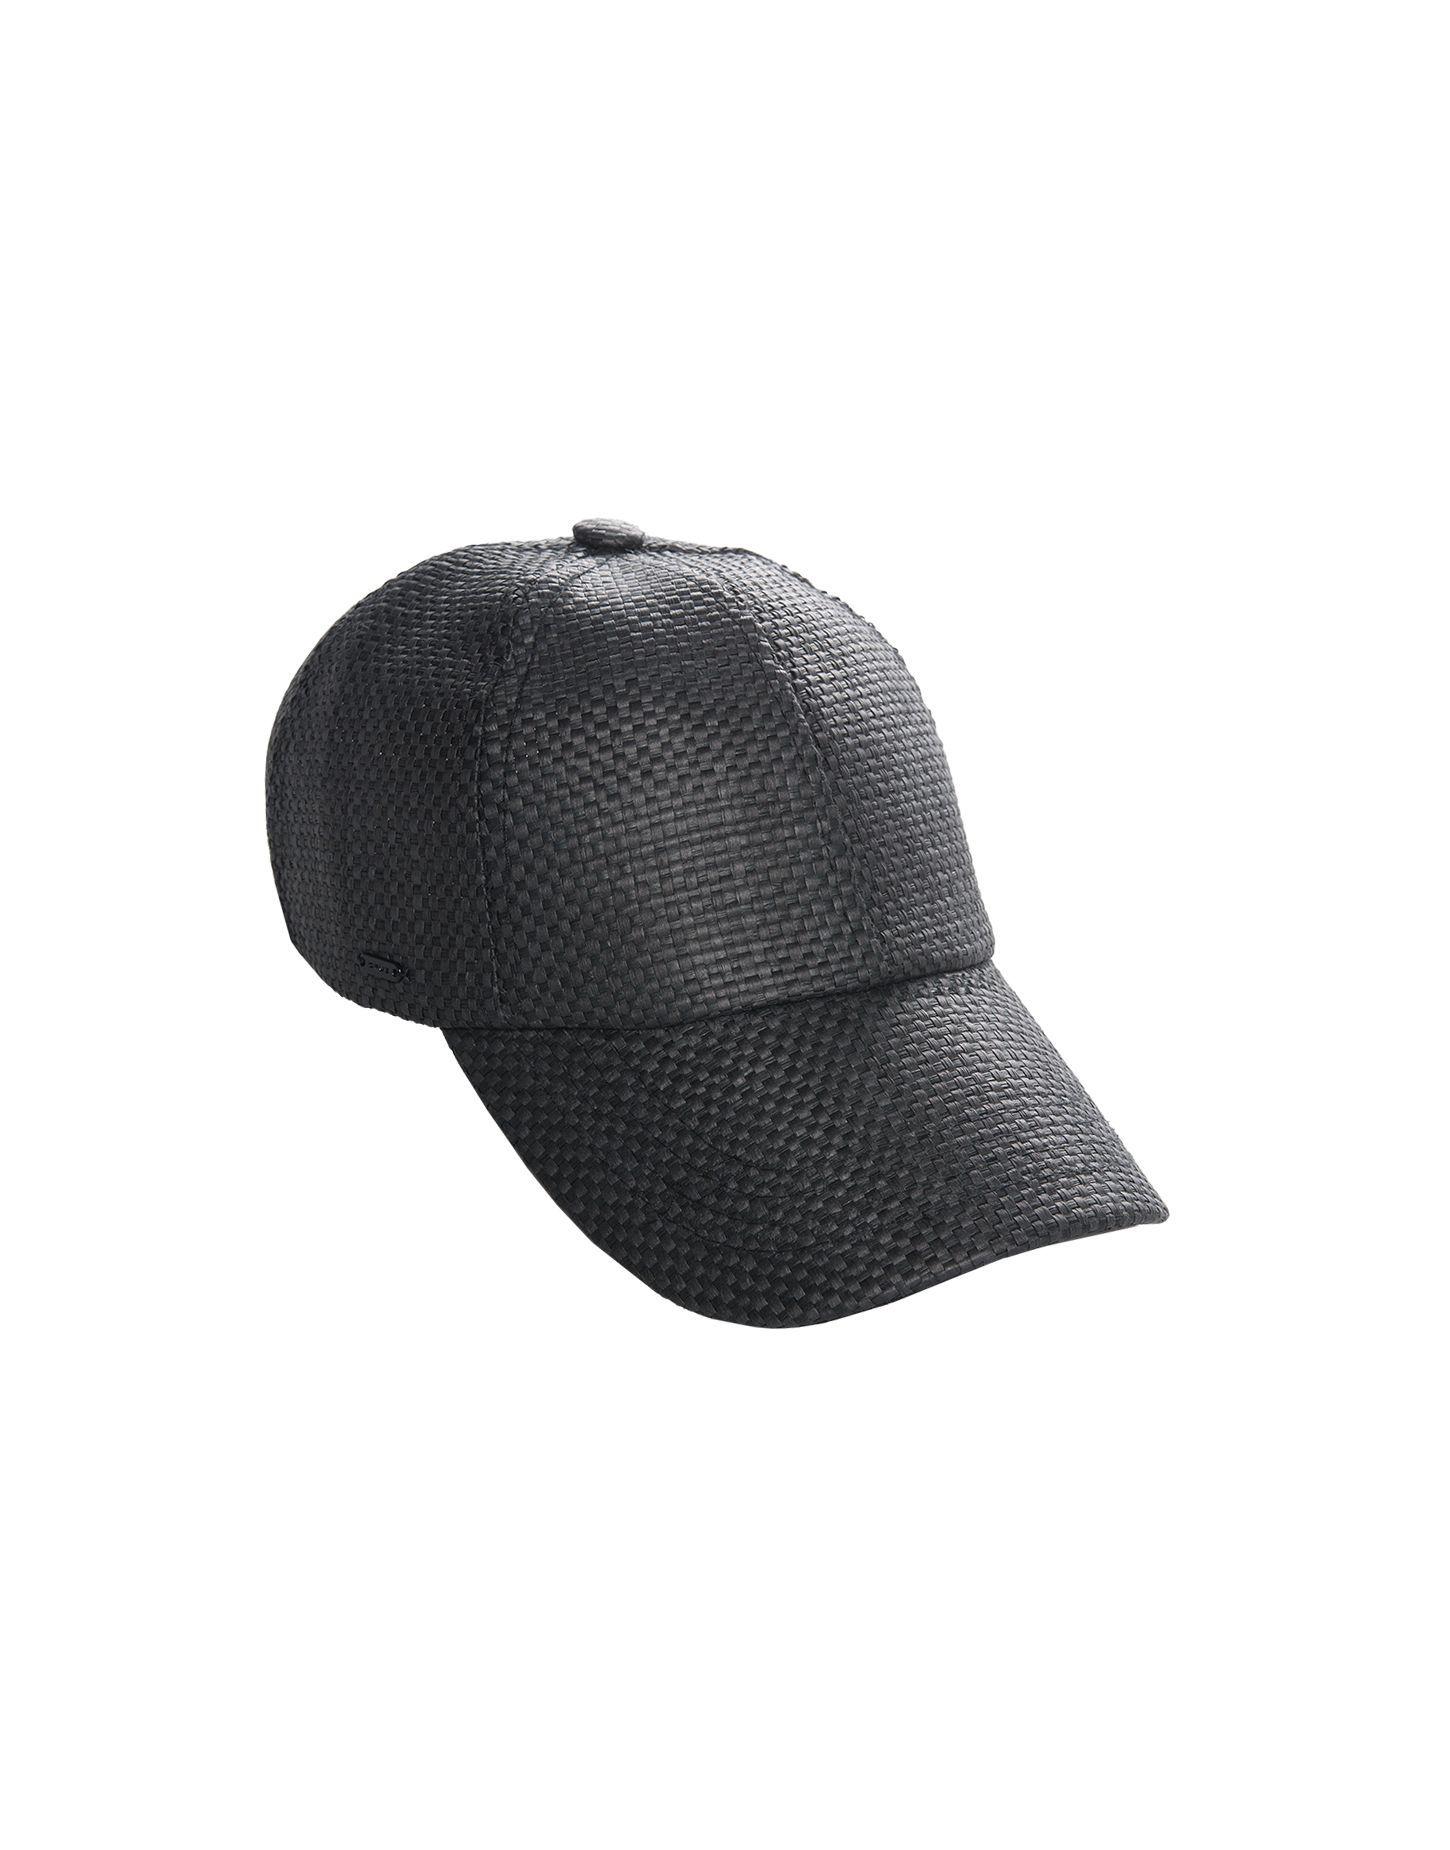 Sommerliches Sports Deluxe Cap in Flecht-Optik.